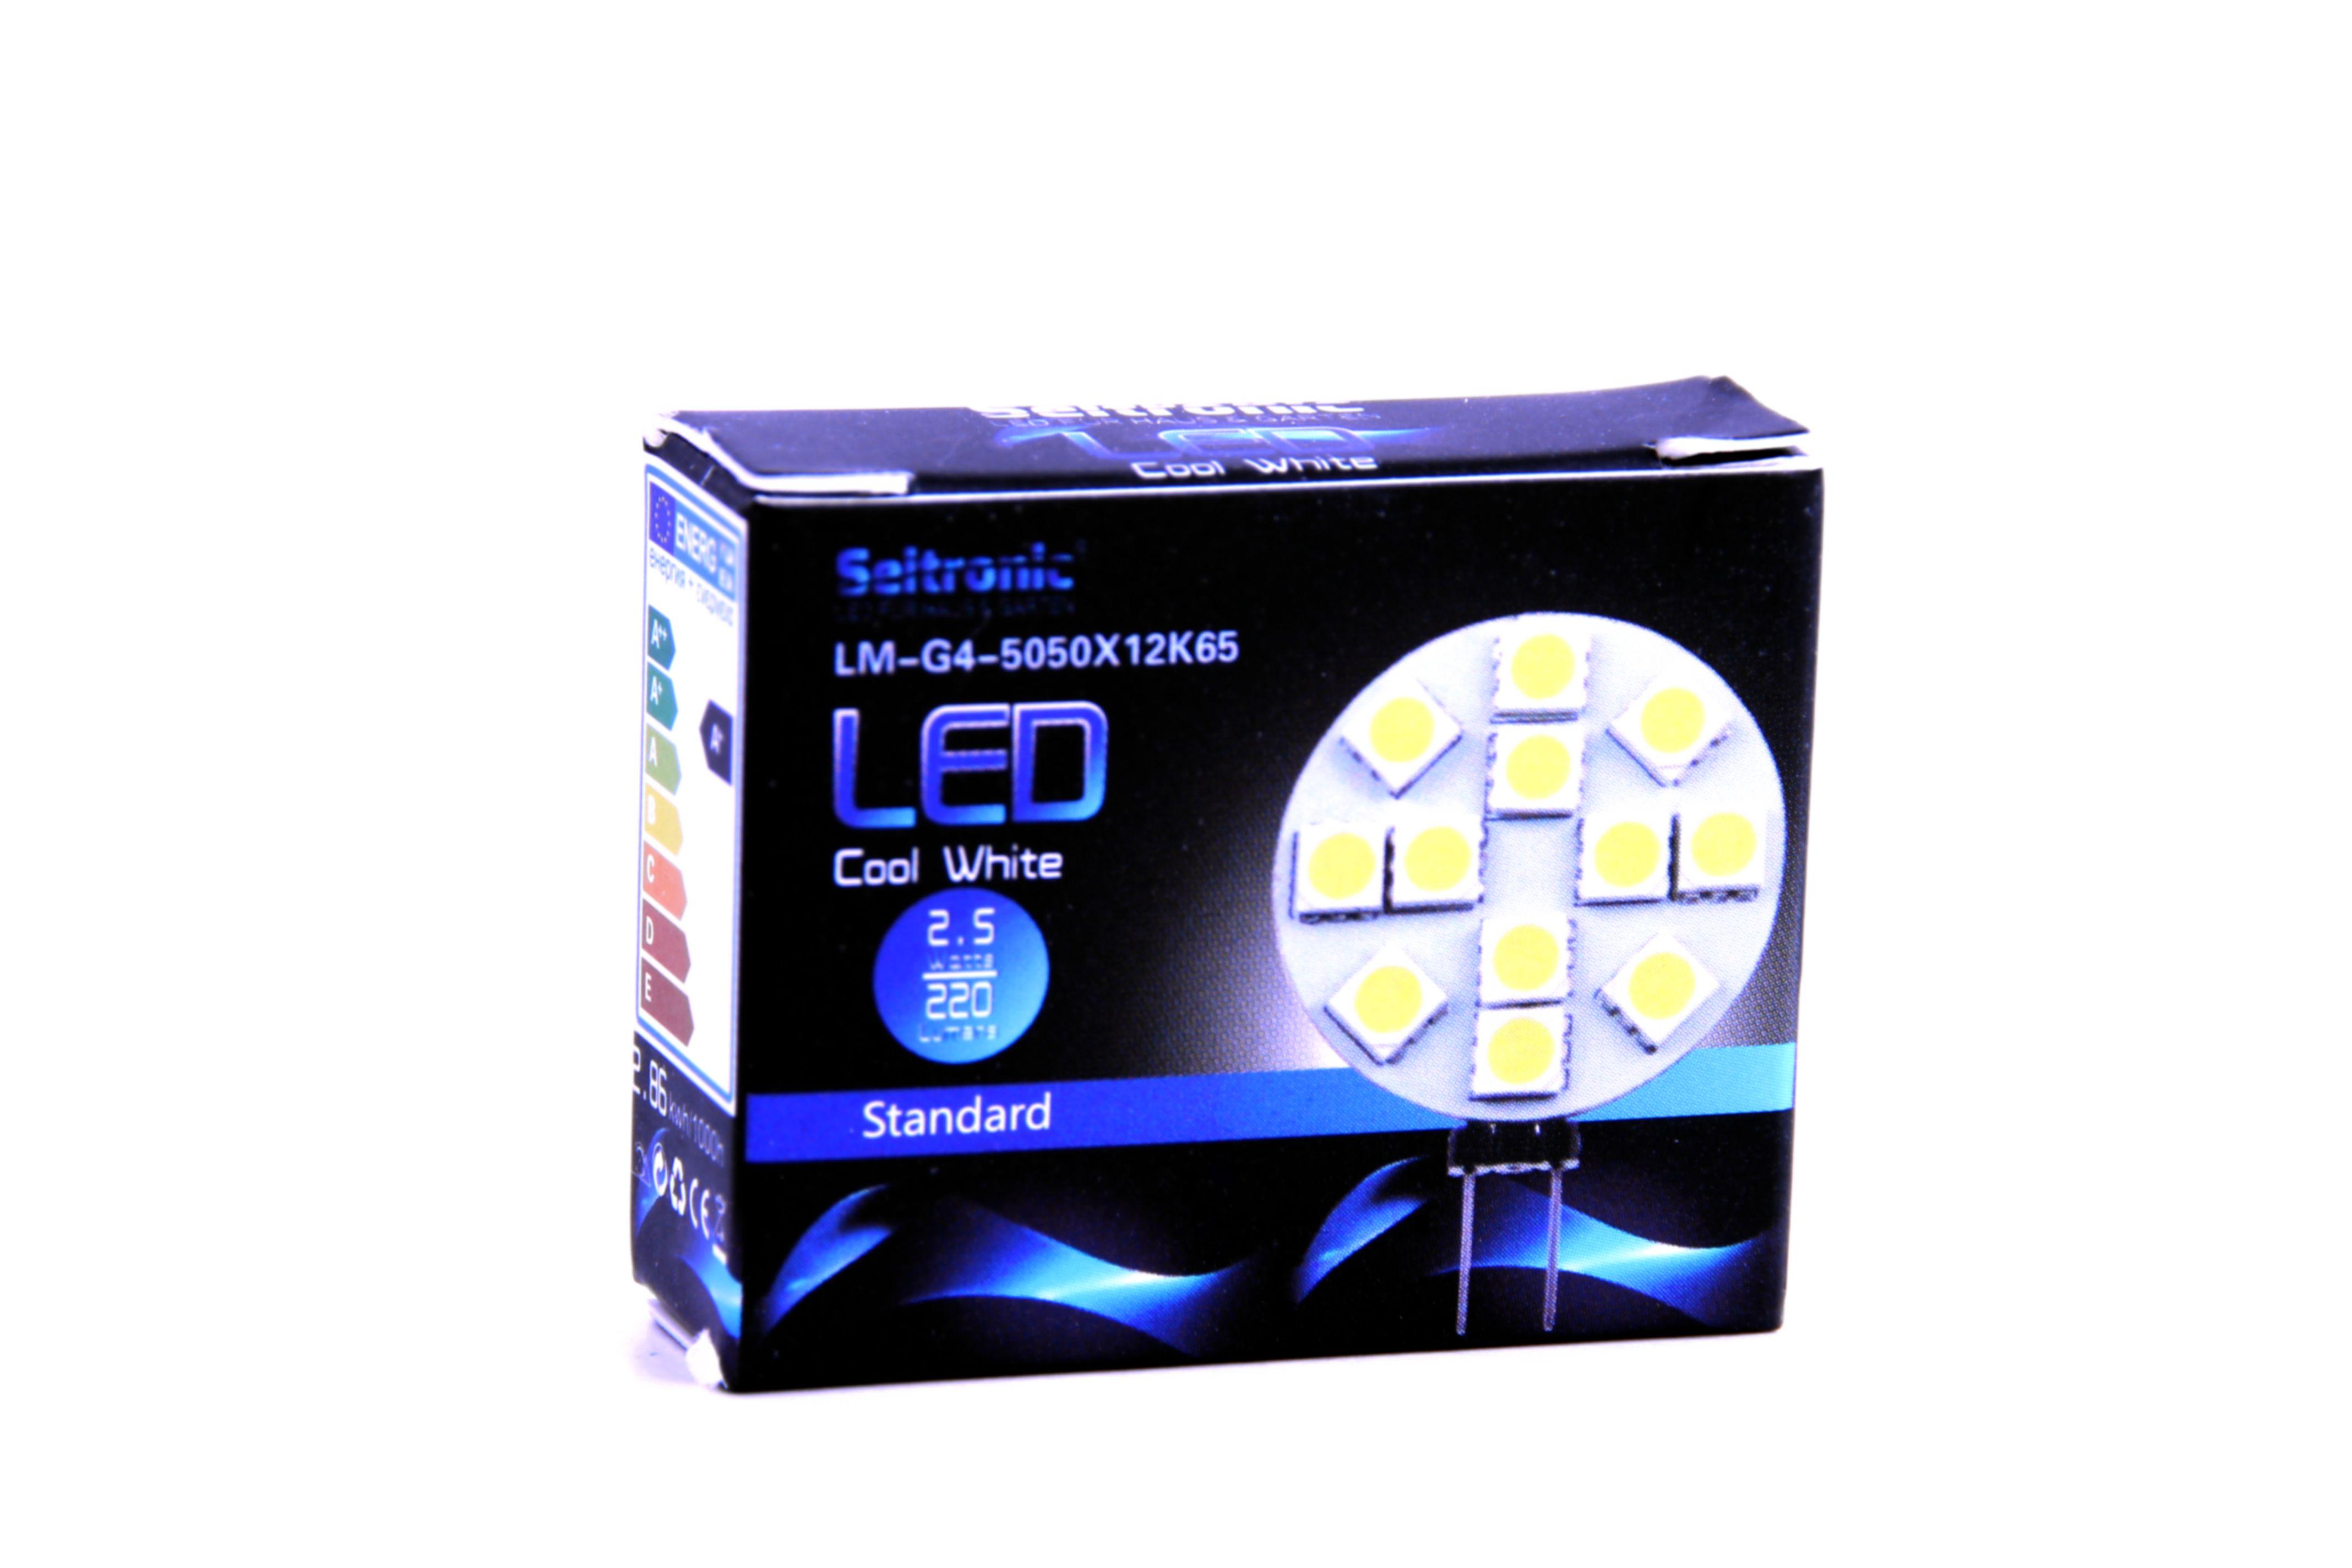 g4_led_leuchtmittel_seitronic_-_25_watt_220lm_6500k_12_leds_kalt-weiss_4970_2 Faszinierend Led 2 5 Watt Entspricht Dekorationen